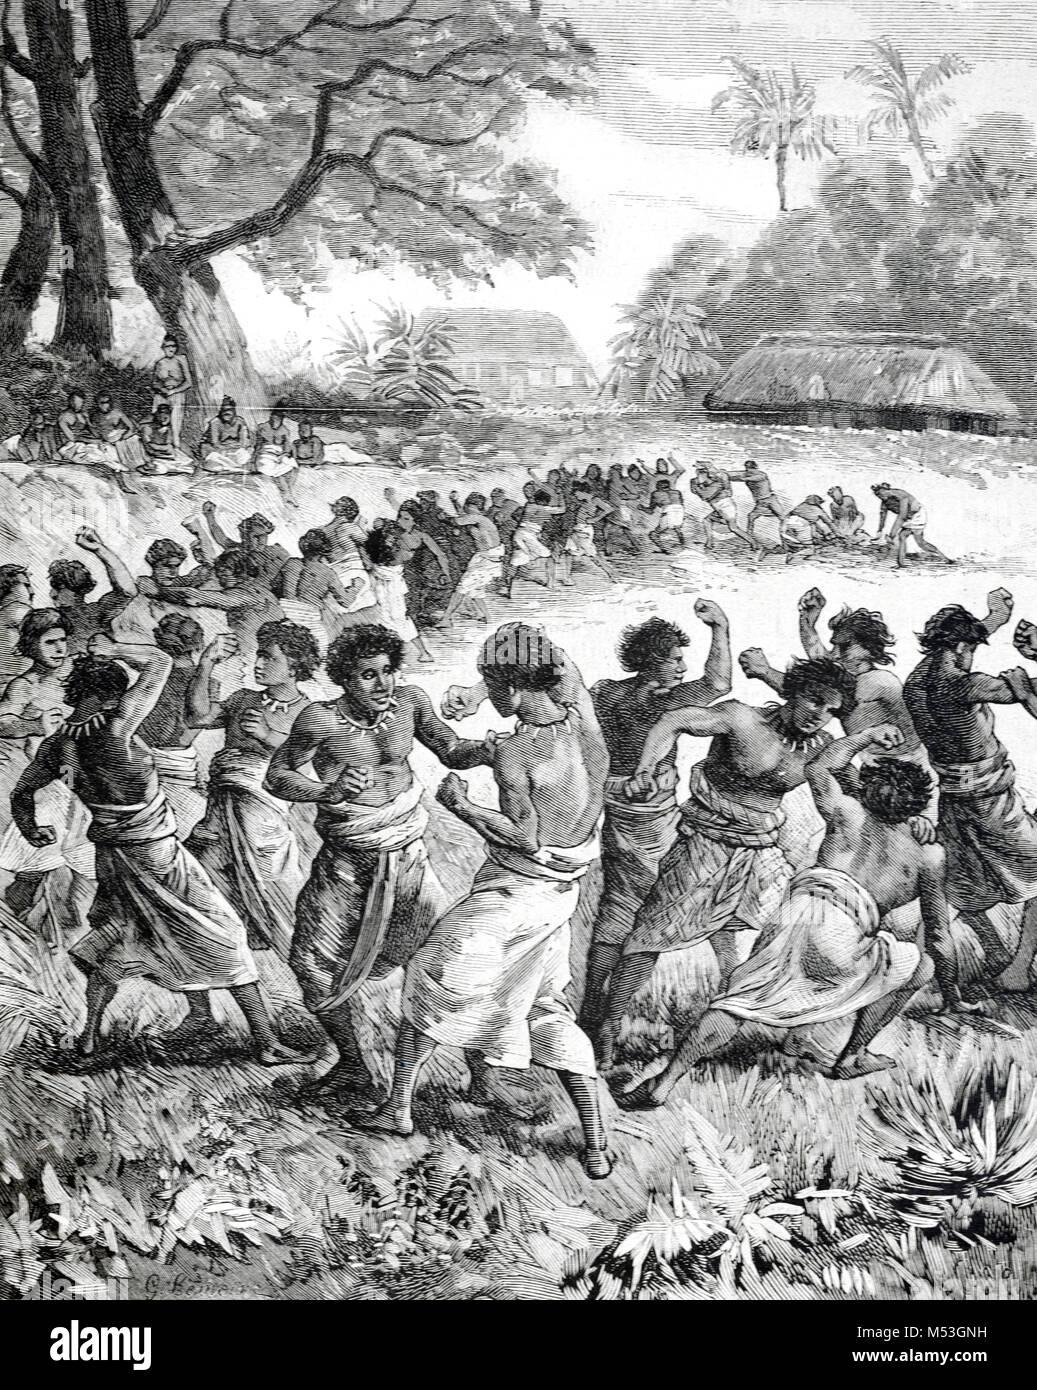 Los hombres de Tonga Tonga en boxeo, o el Reino de Tonga, Polinesia (grabado, 1988) Imagen De Stock